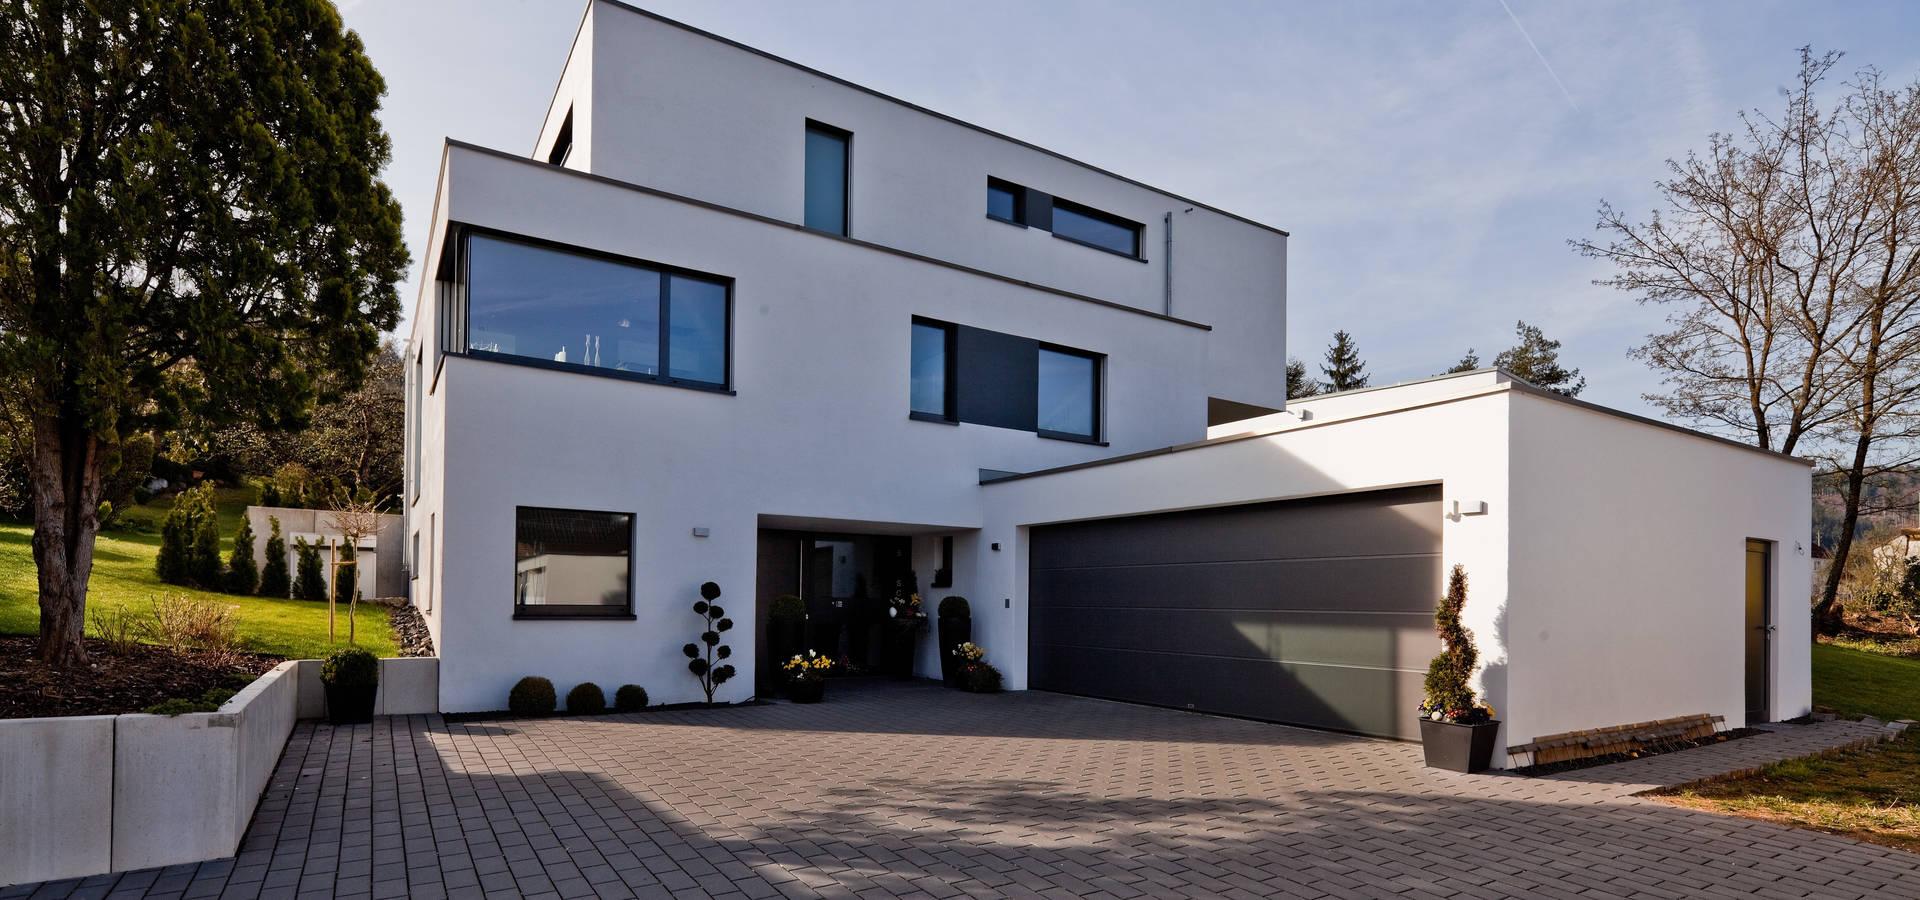 Doppelgarage  brügel_eickholt architekten gmbh: Neubau Einfamilienhaus mit ...